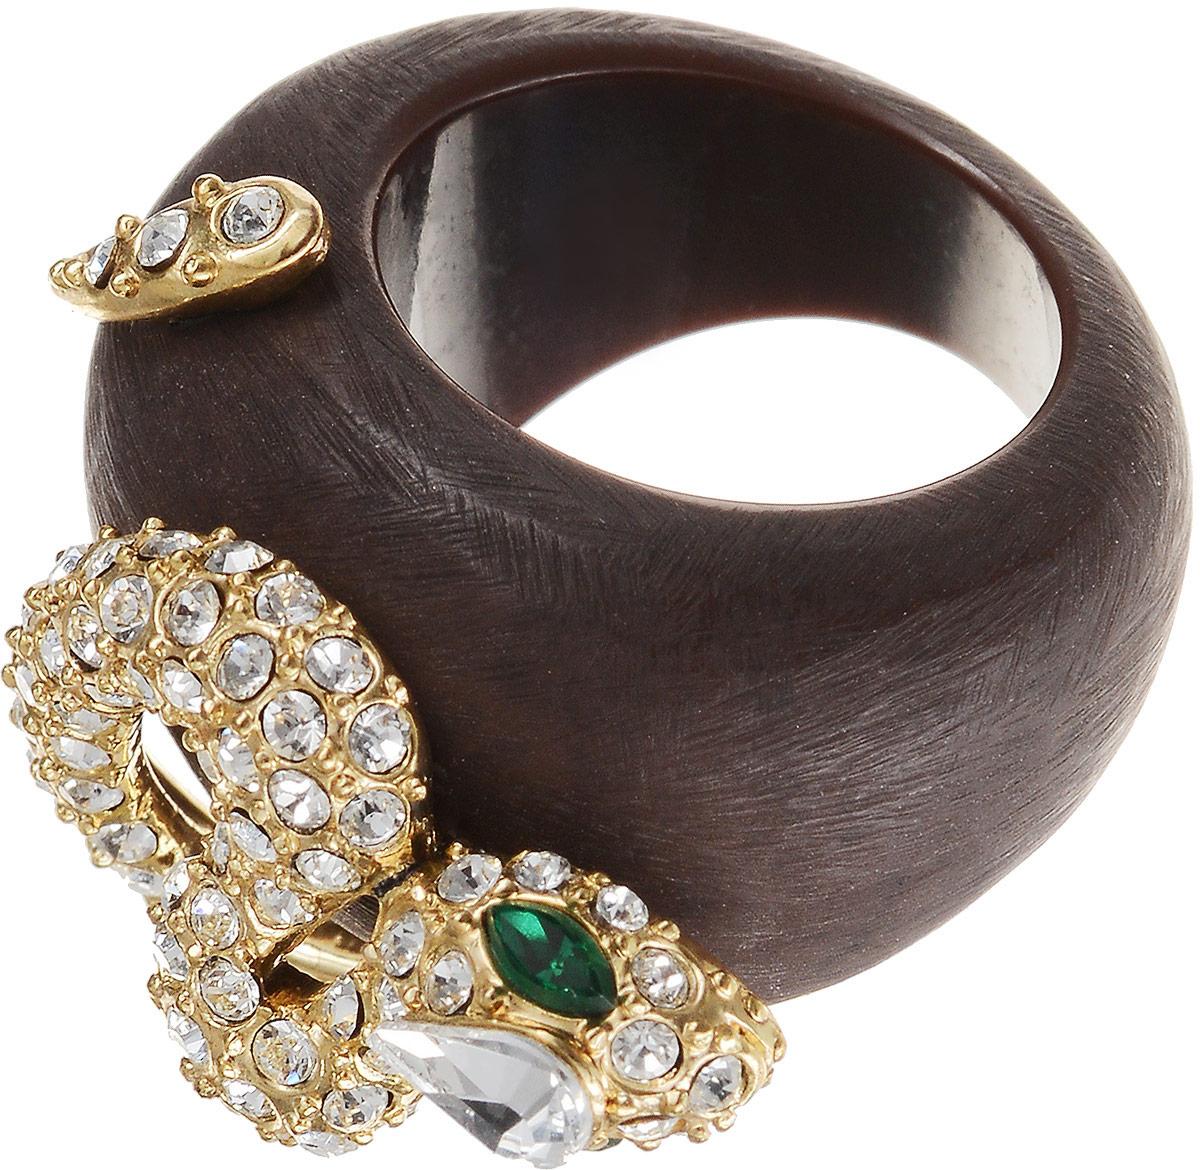 Кольцо женское Art-Silver, цвет: коричневый. М456-500. Размер 17,5М456-500Бижутерный сплав, куб.циркон, дерево, золото 0,01мкрн.